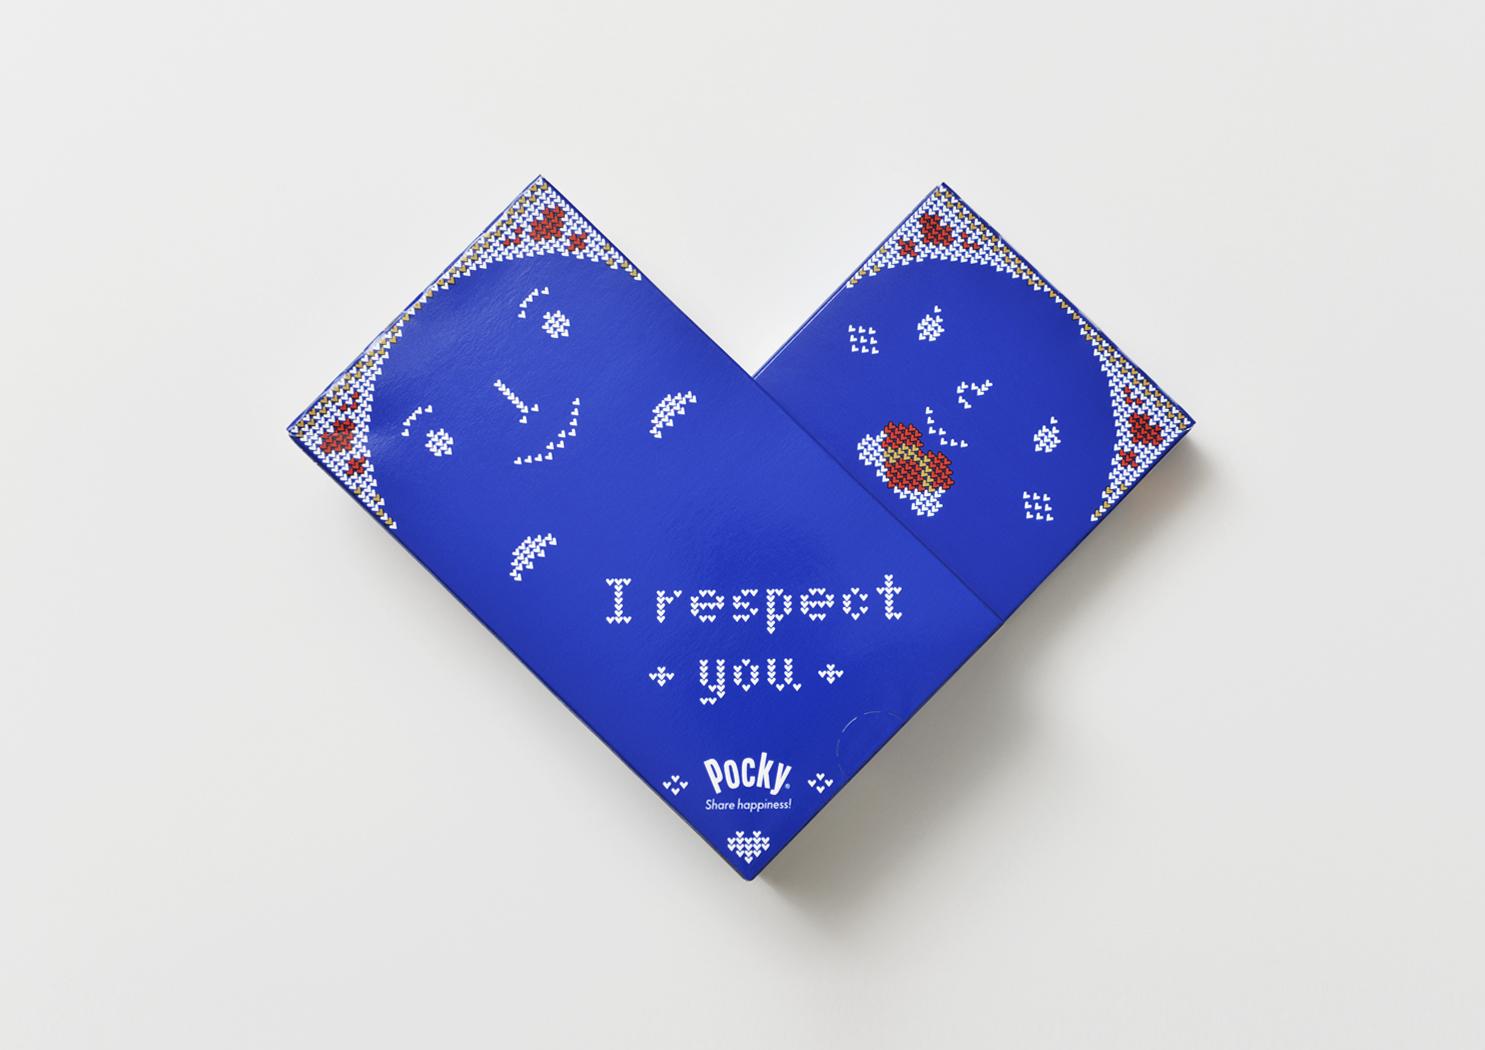 glico Pocky valentine package